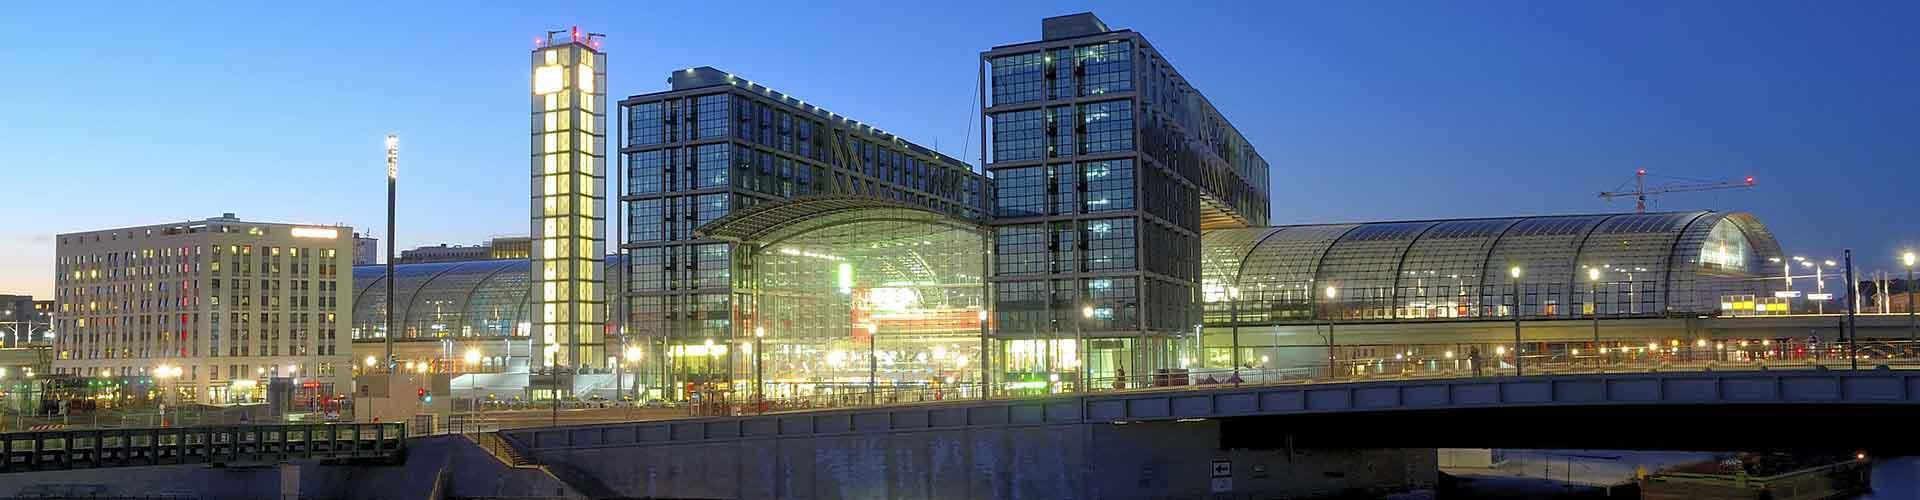 ベルリン – ベルリン中央駅の近くにあるホステル. 地図 ベルリン, すべてのホステルの写真とレビュー ベルリン.